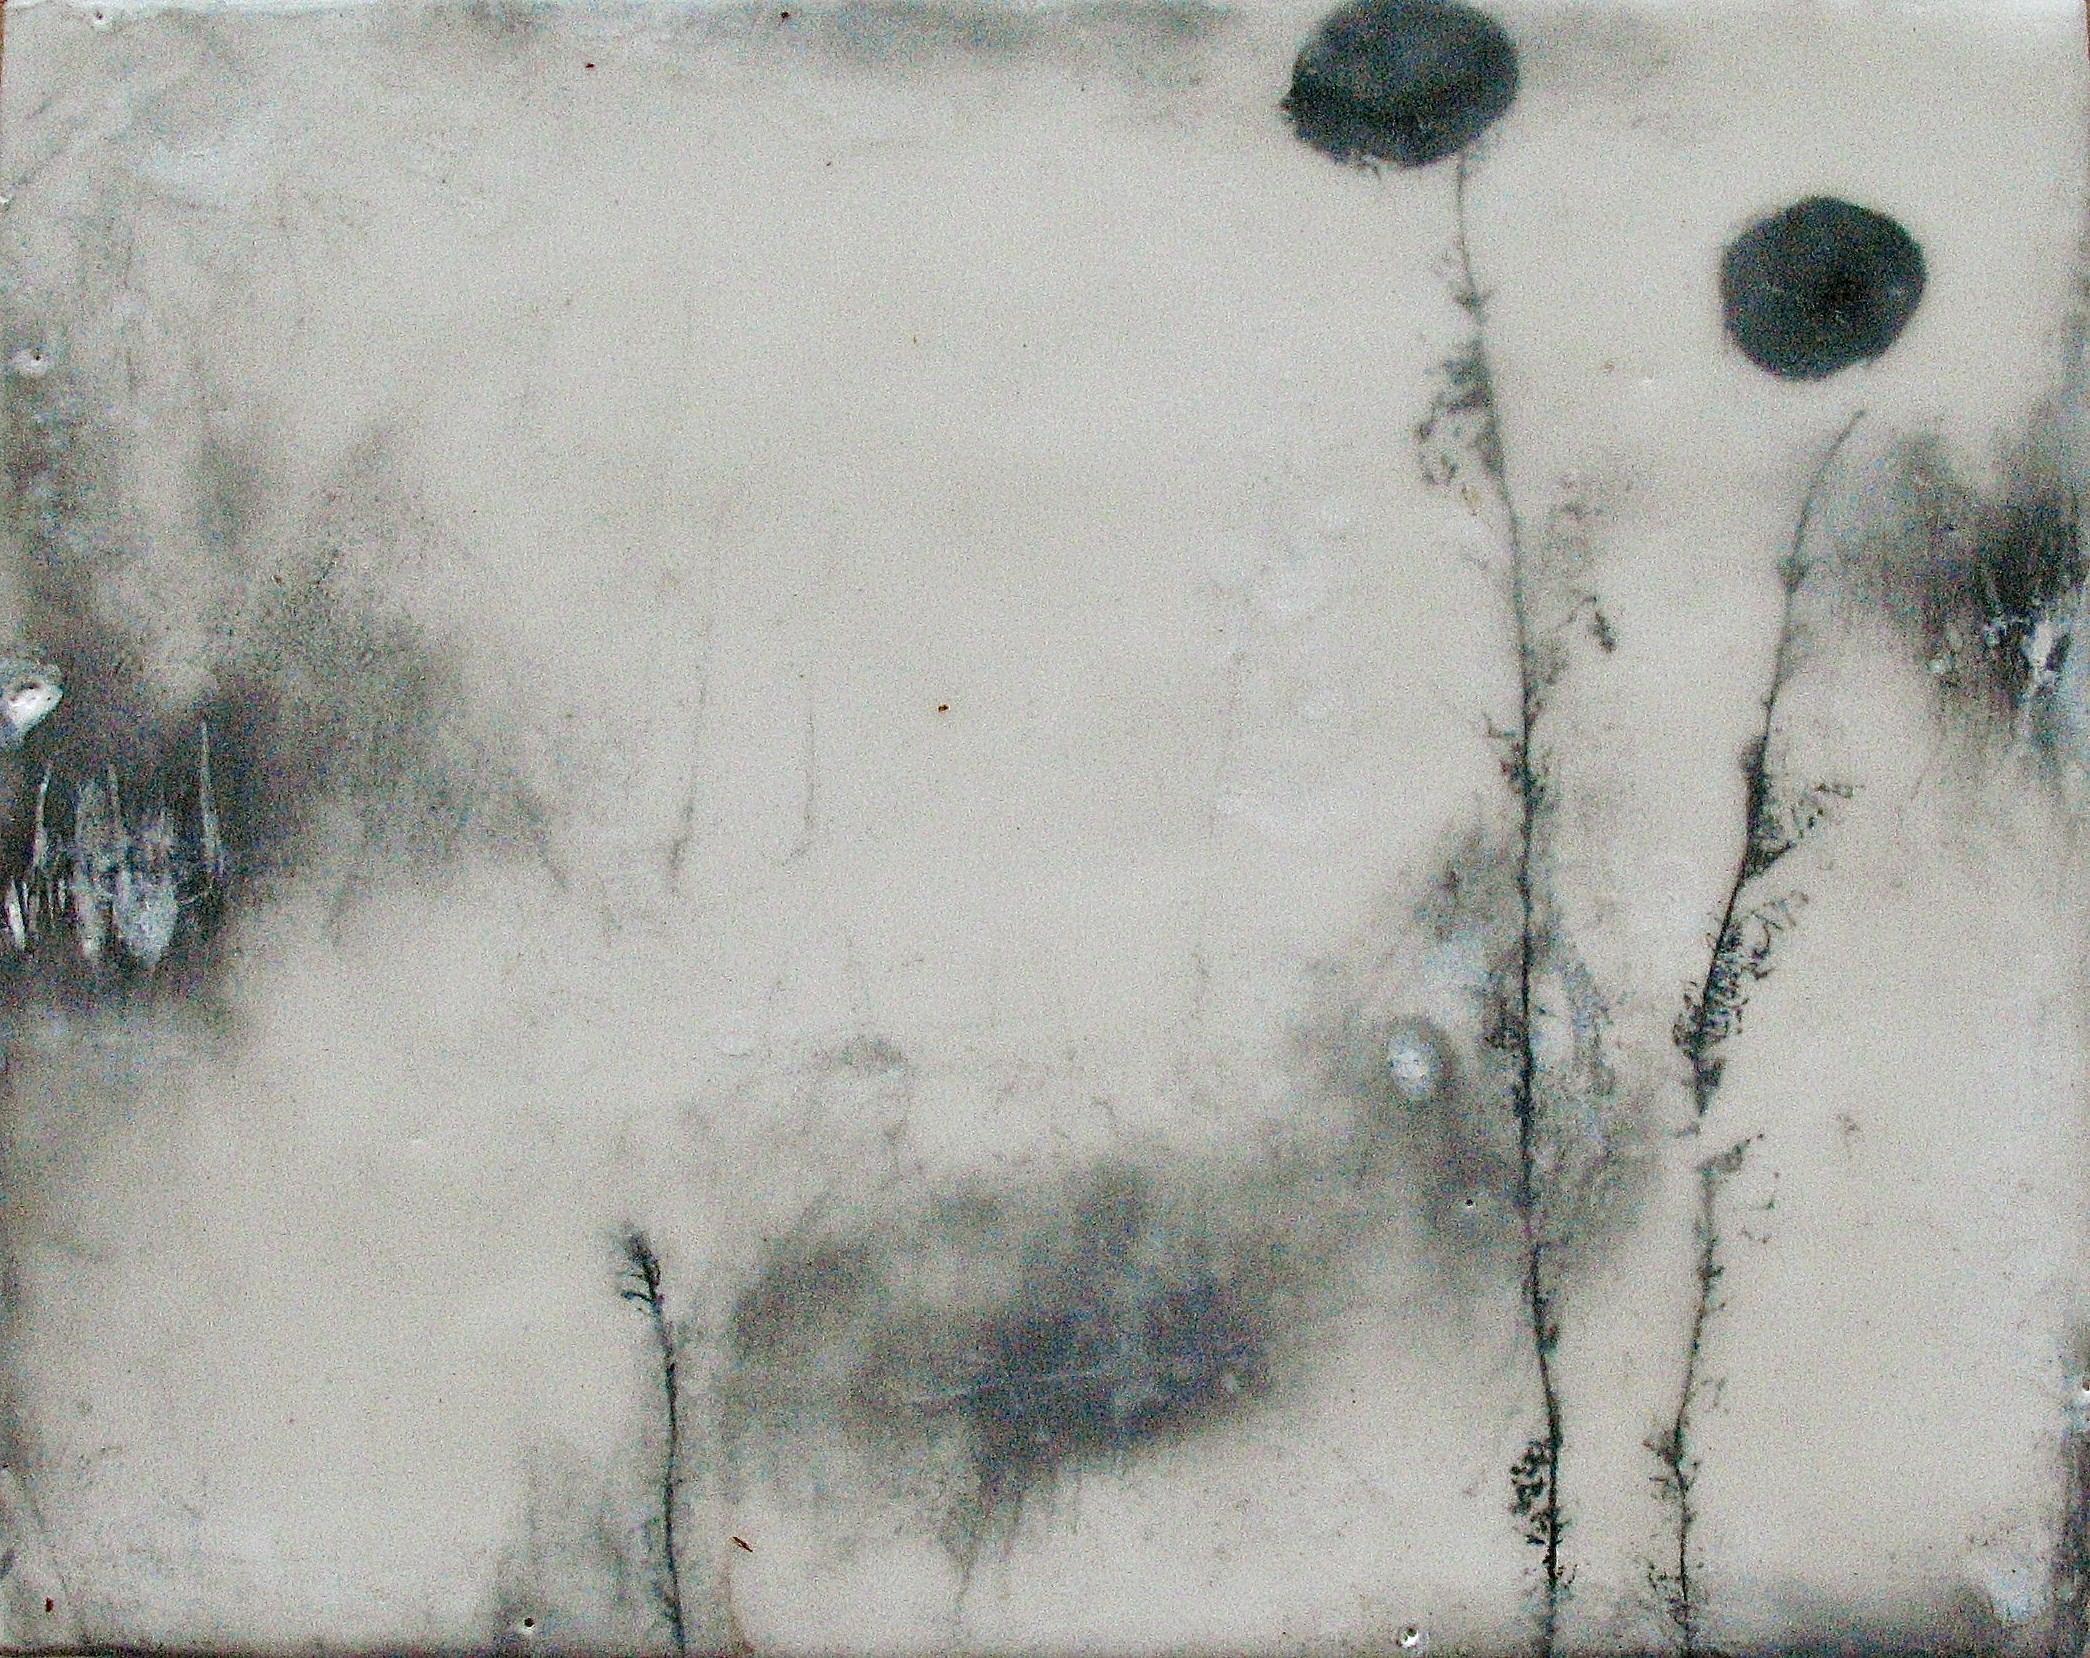 Sam Scene 4, 2007 / Sold